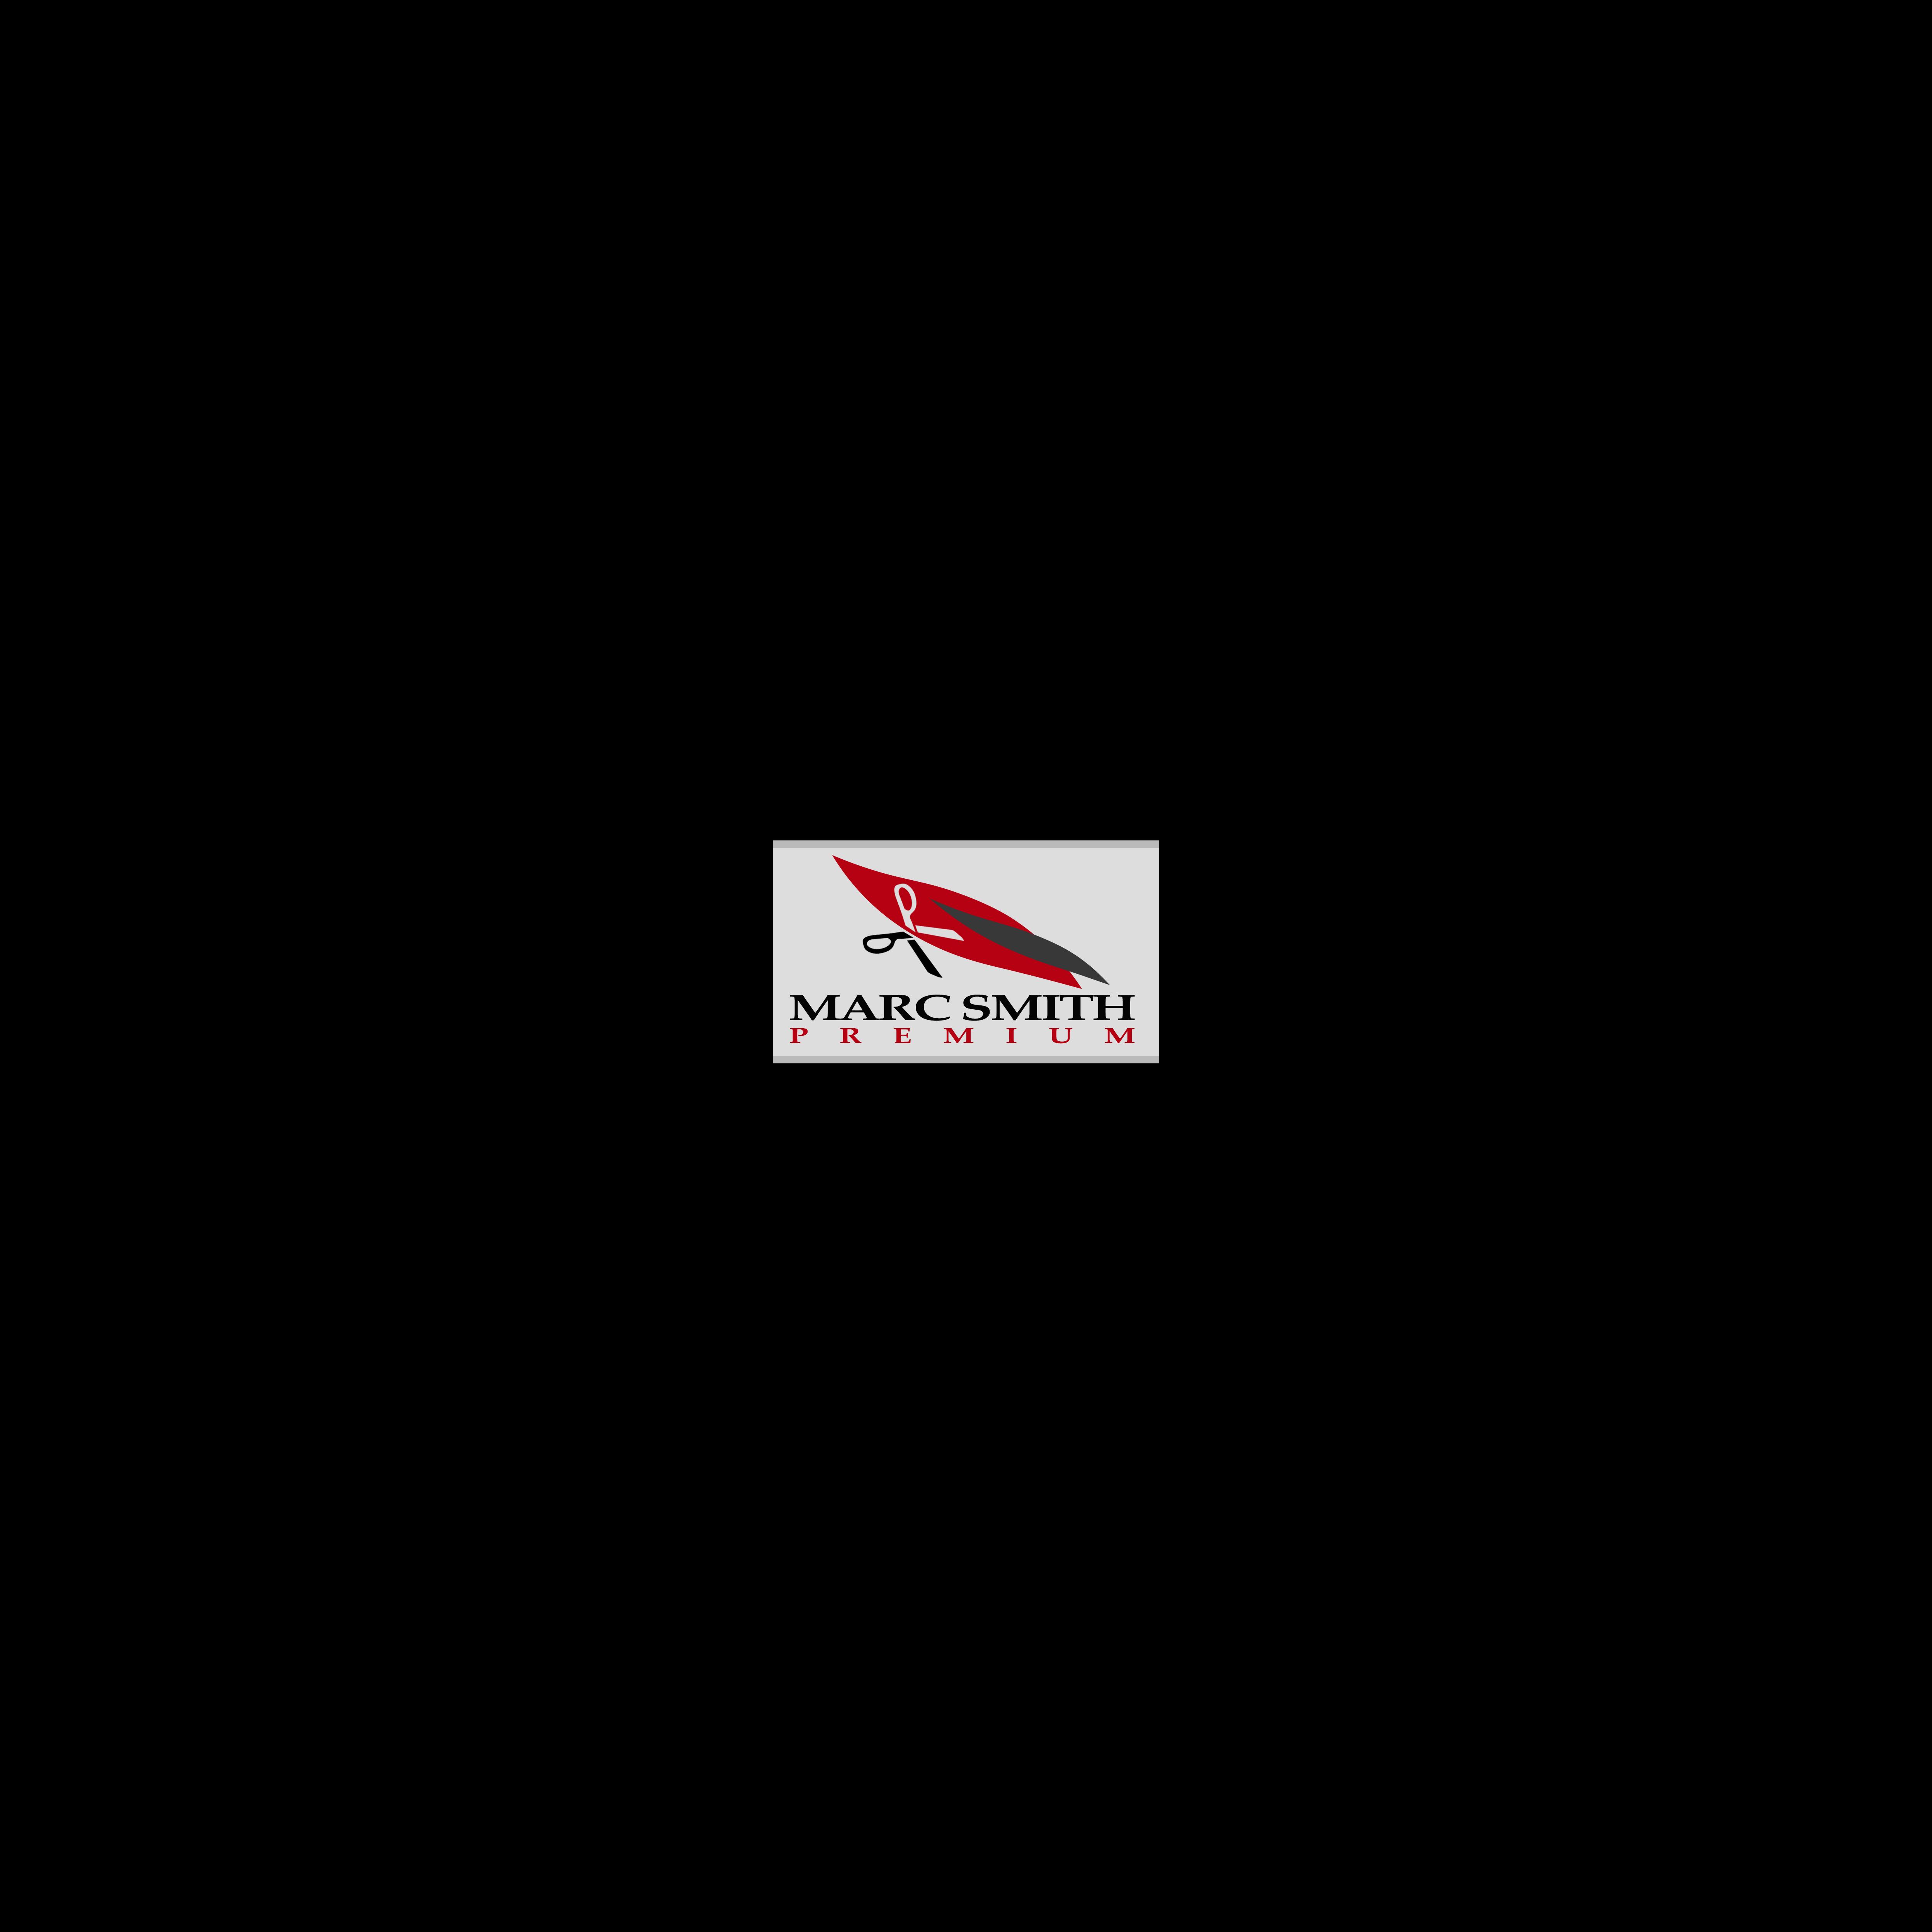 Разработка логотипа для ЛИЧНОГО БРЕНДА.  фото f_2195cffdb1ece773.jpg